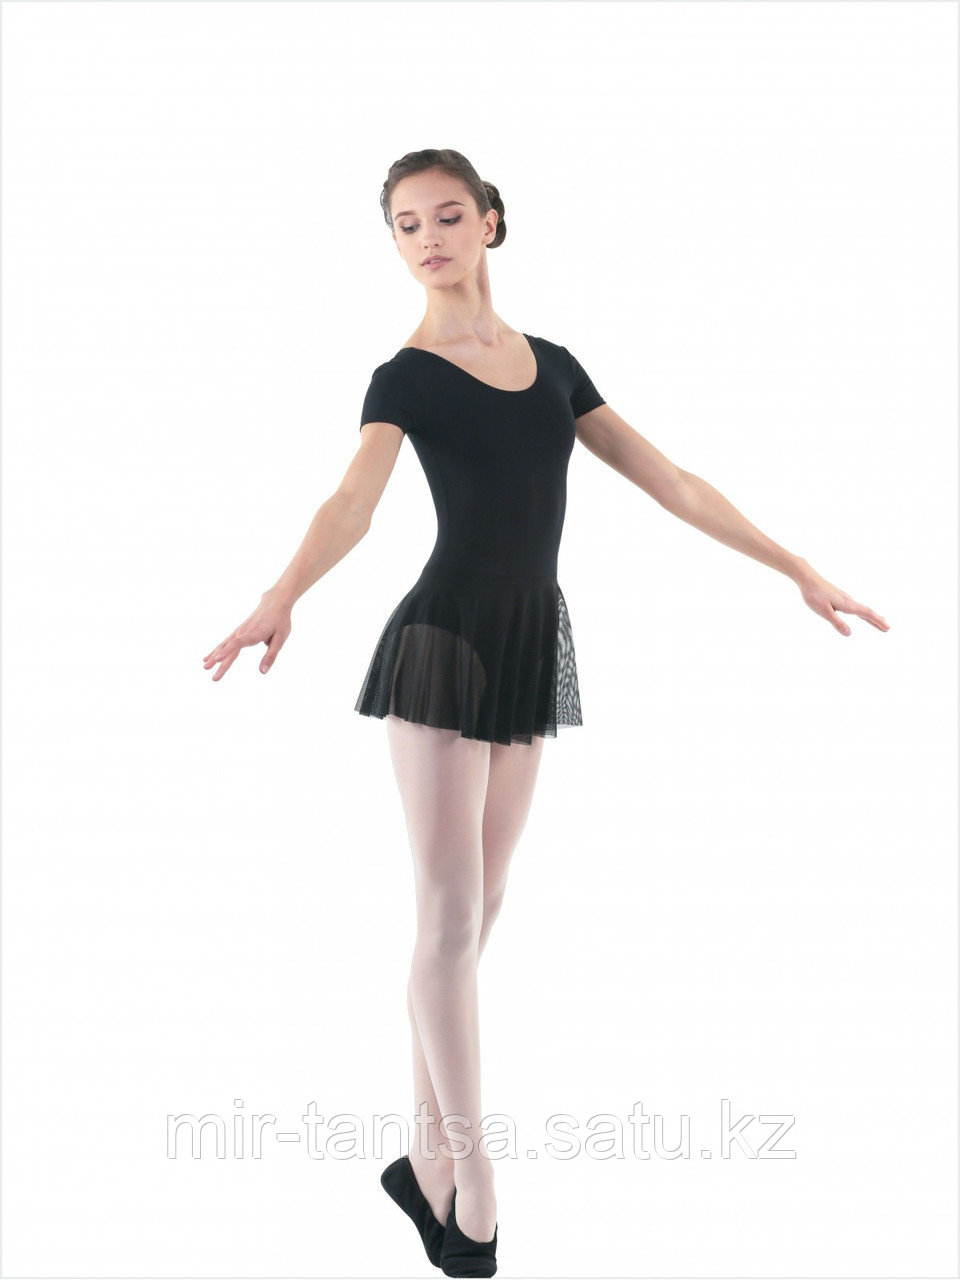 FD961 Купальник для хореографии и танцев белый /черный 32  размер